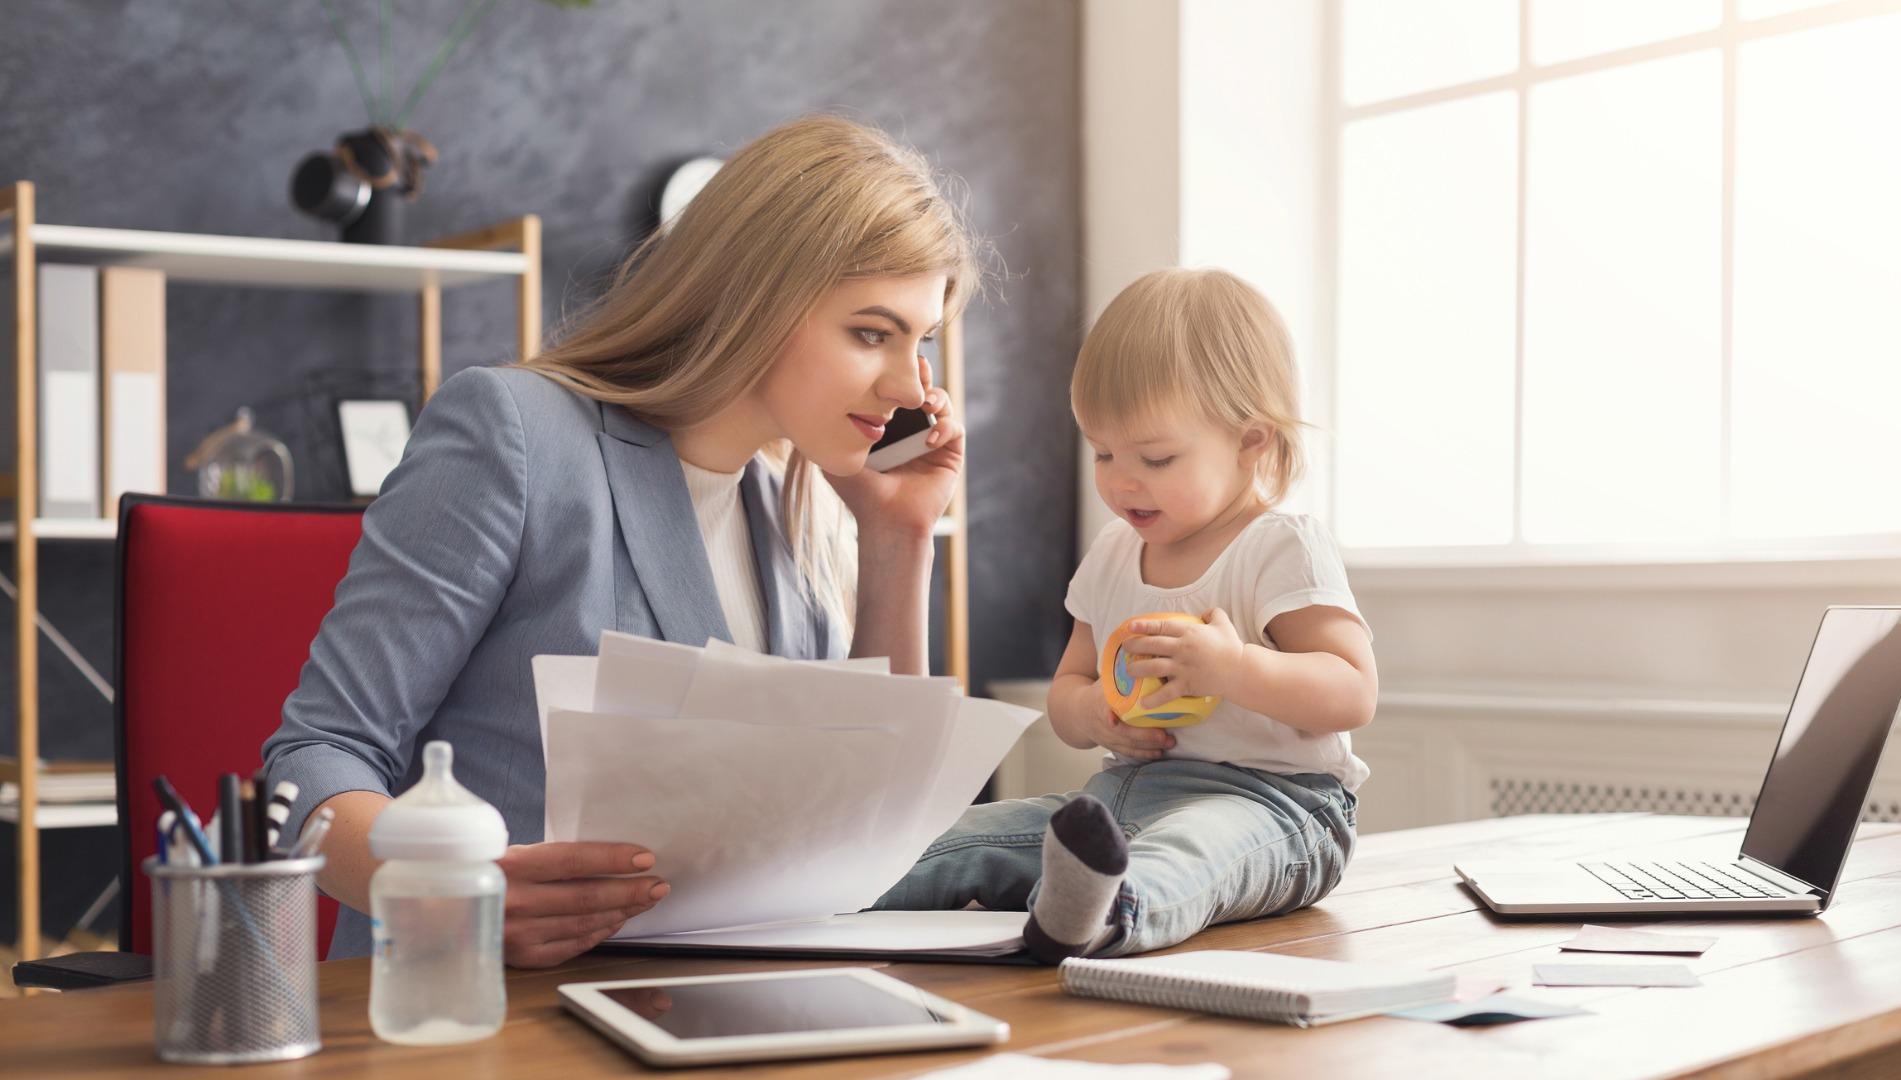 Успеть все: как правильно организовать свой быт. как успеть сделать домашние дела